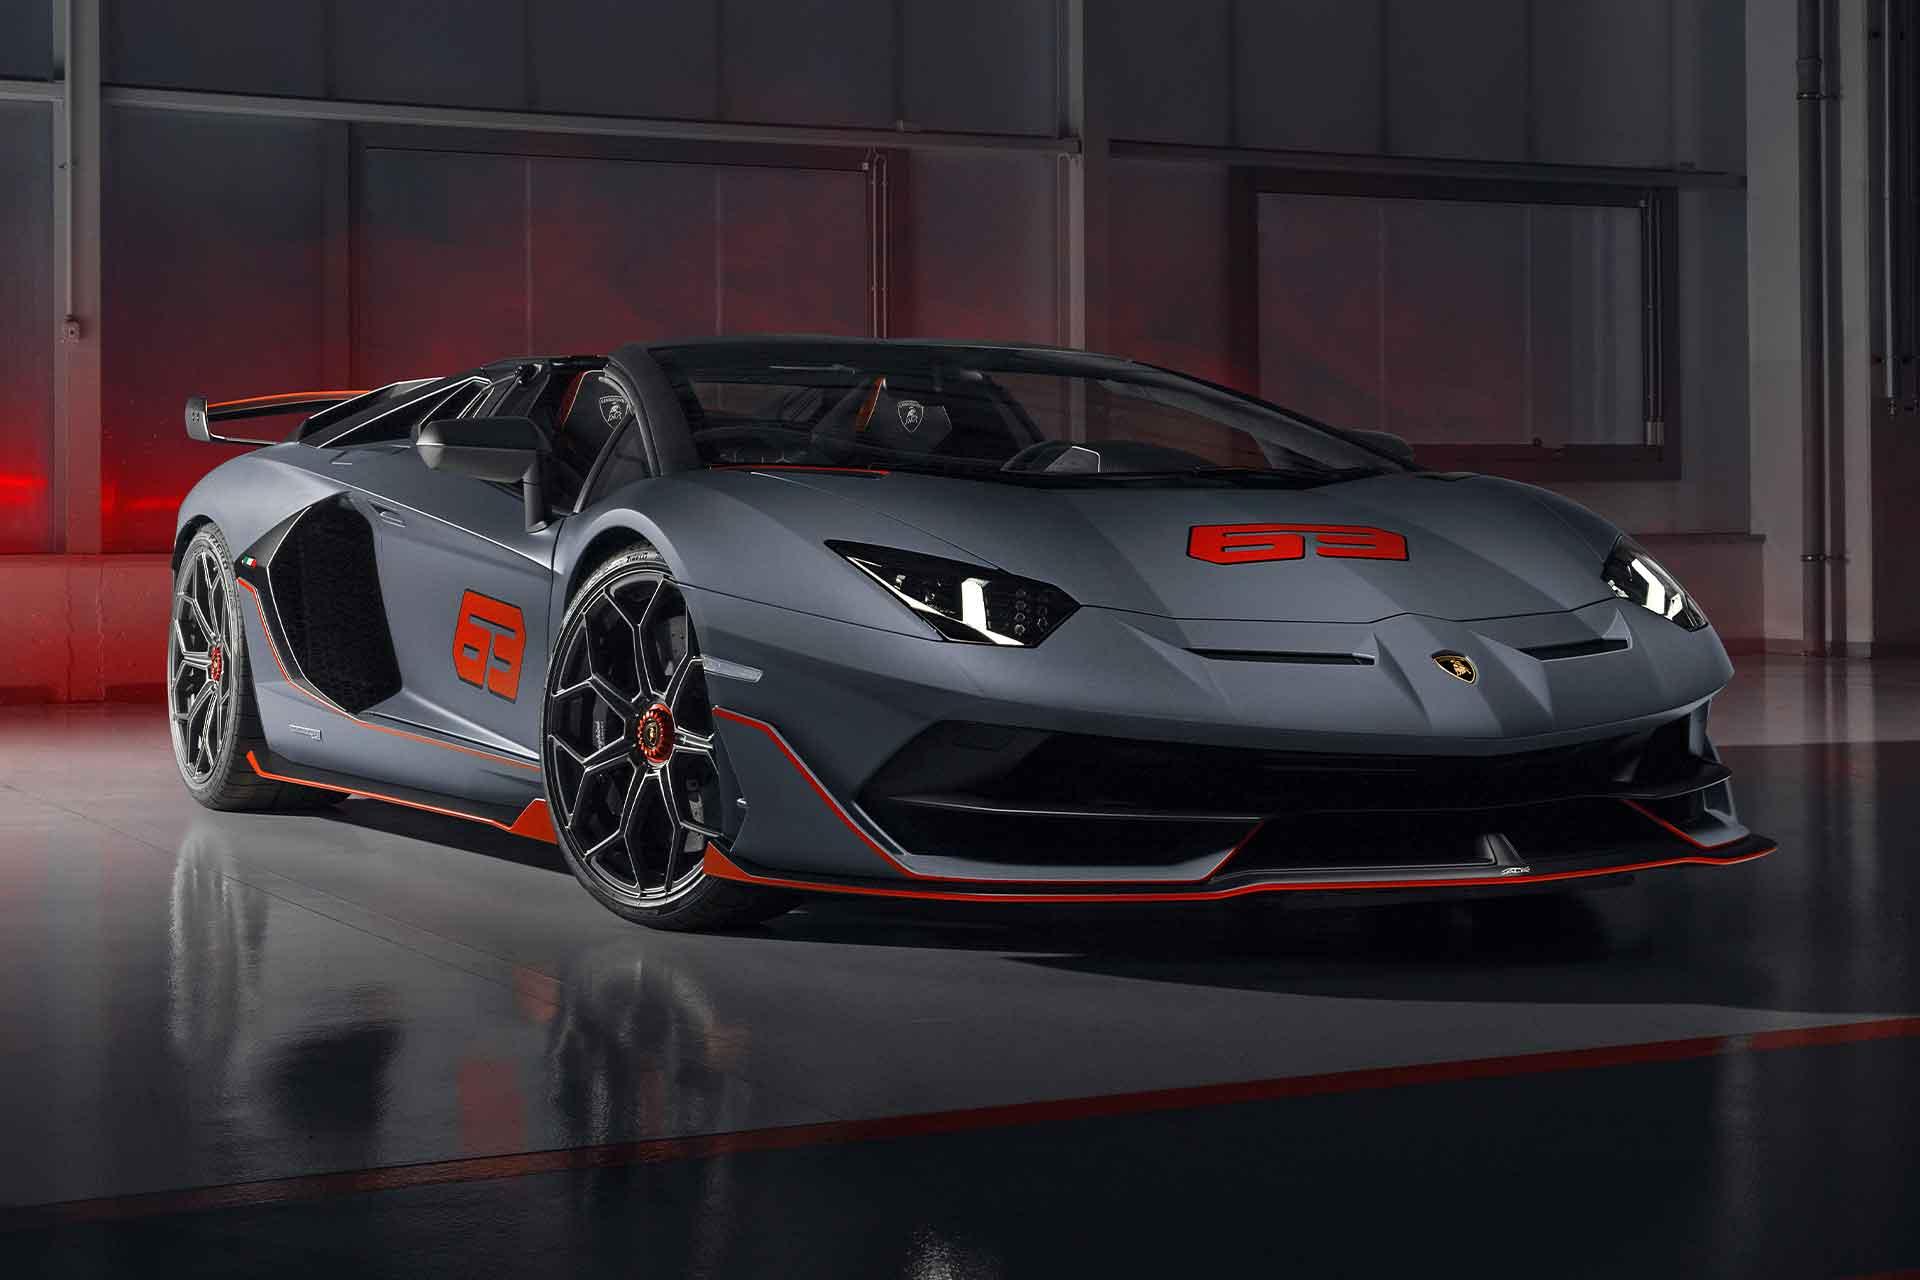 Sondermodell für Sammler: Der Lamborghini Aventador SVJ 63 Roadster 1